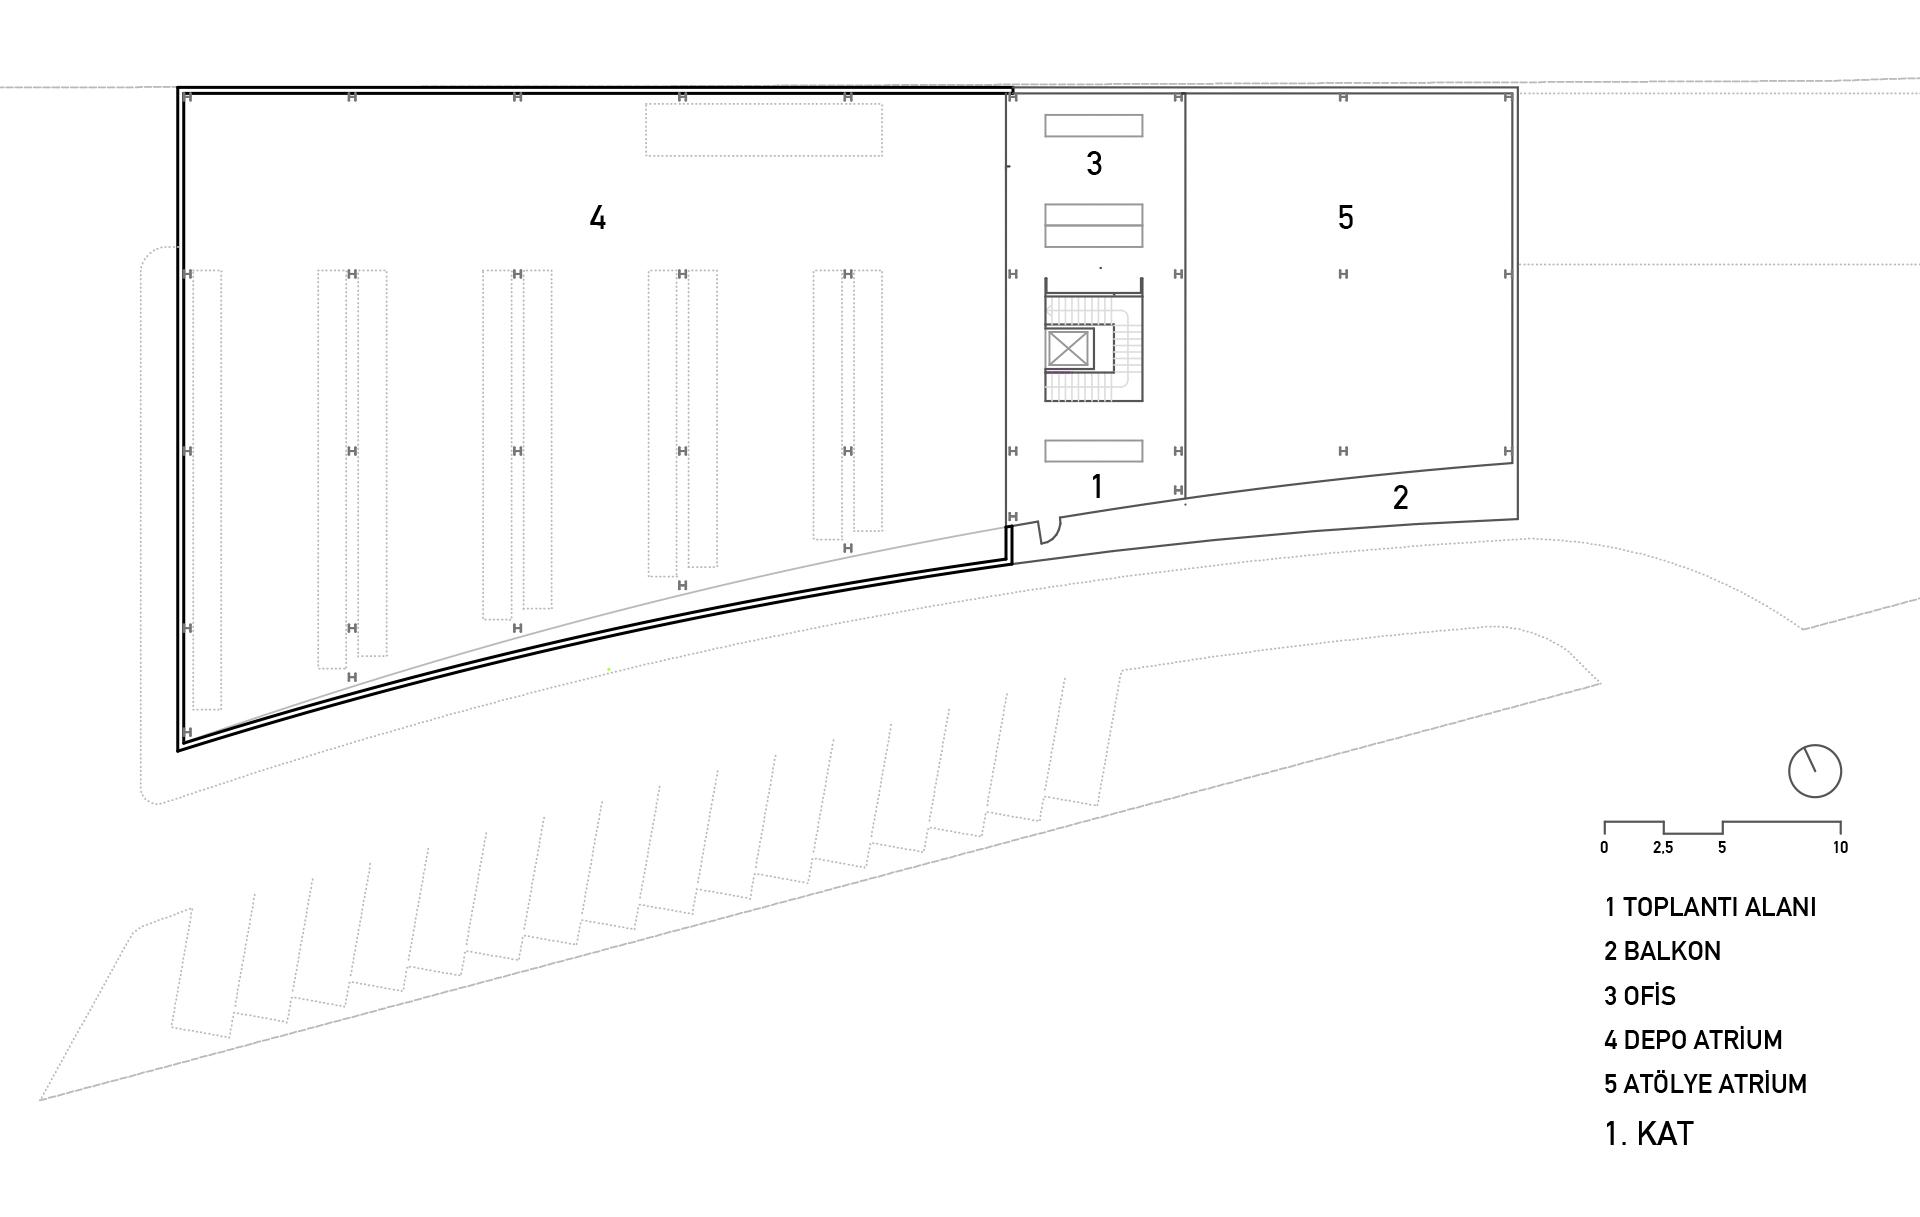 BCN_DESIGNSTUDIO_integra-plan-1.kat_tr.jpg